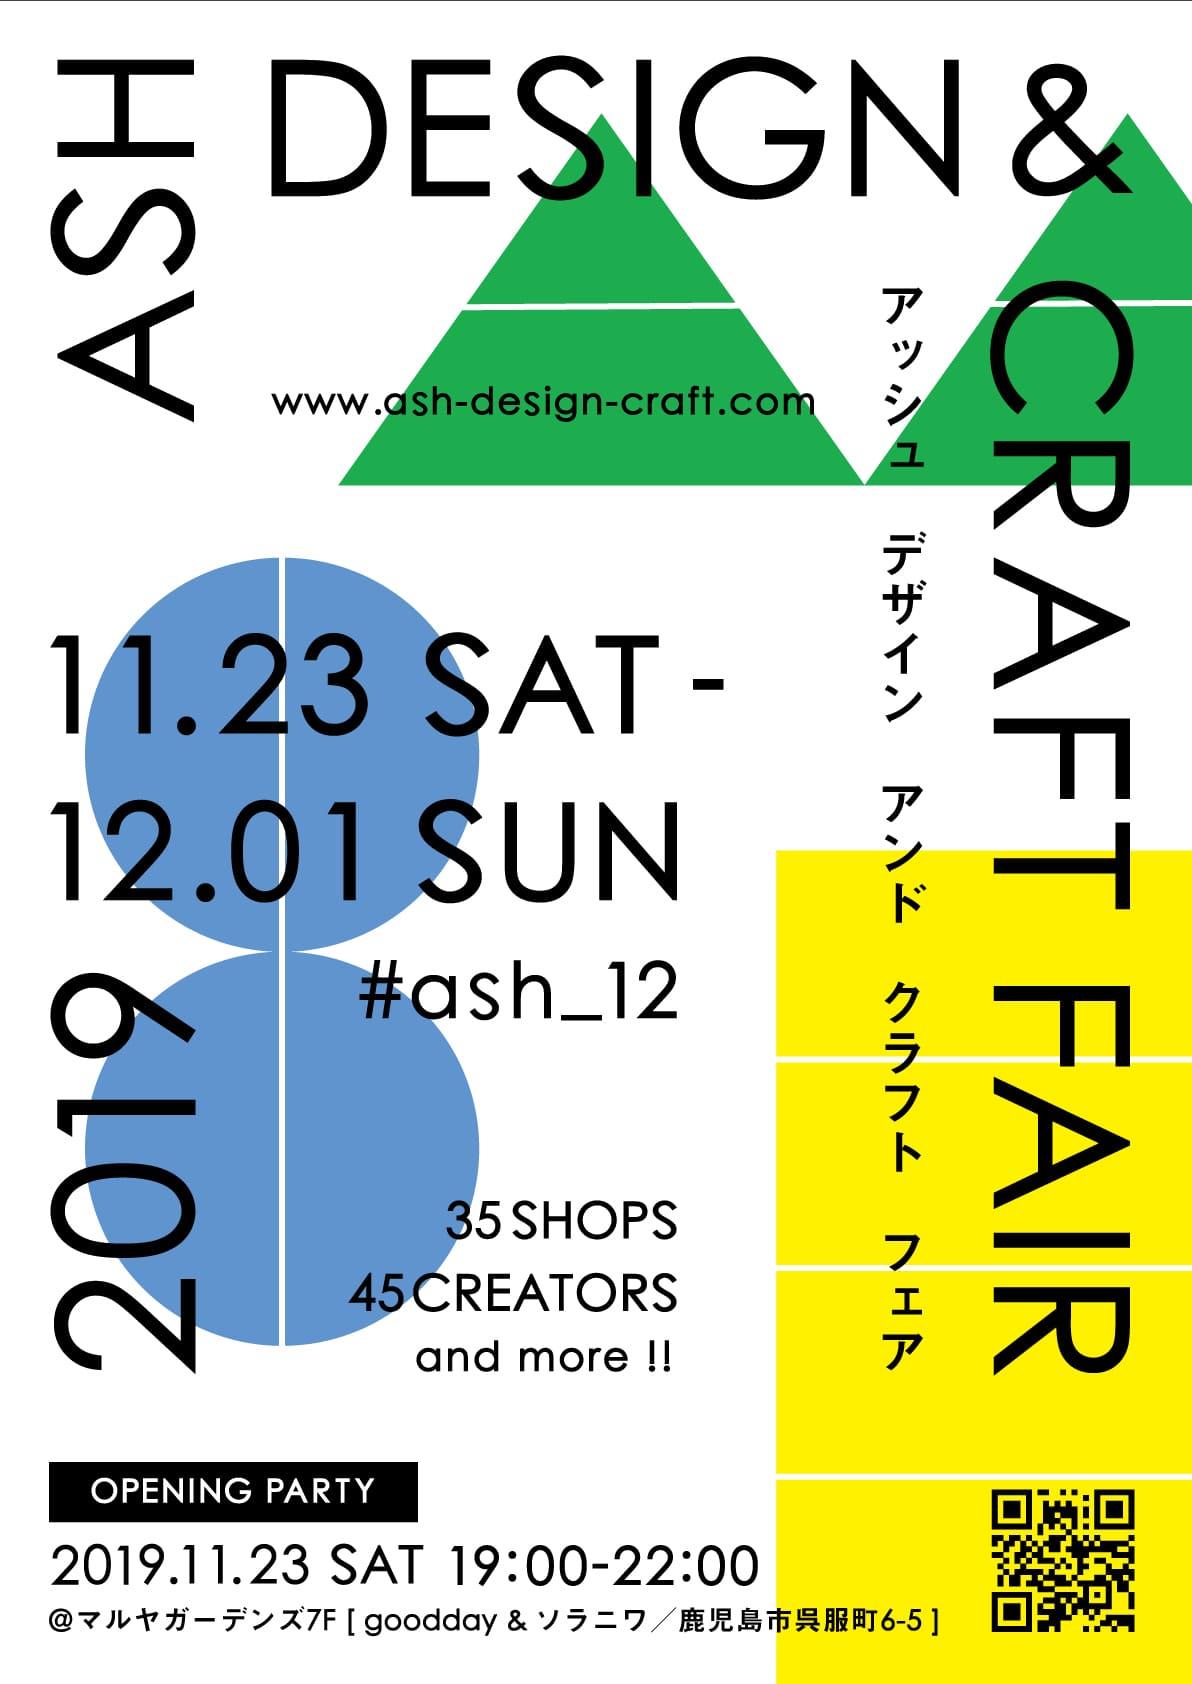 街を舞台に開催する秋恒例のデザインイベント『ash Design & Craft Fair』。 2019 年は、鹿児島はもちろん、宮崎県まで参加店舗が広がります!チラシ1